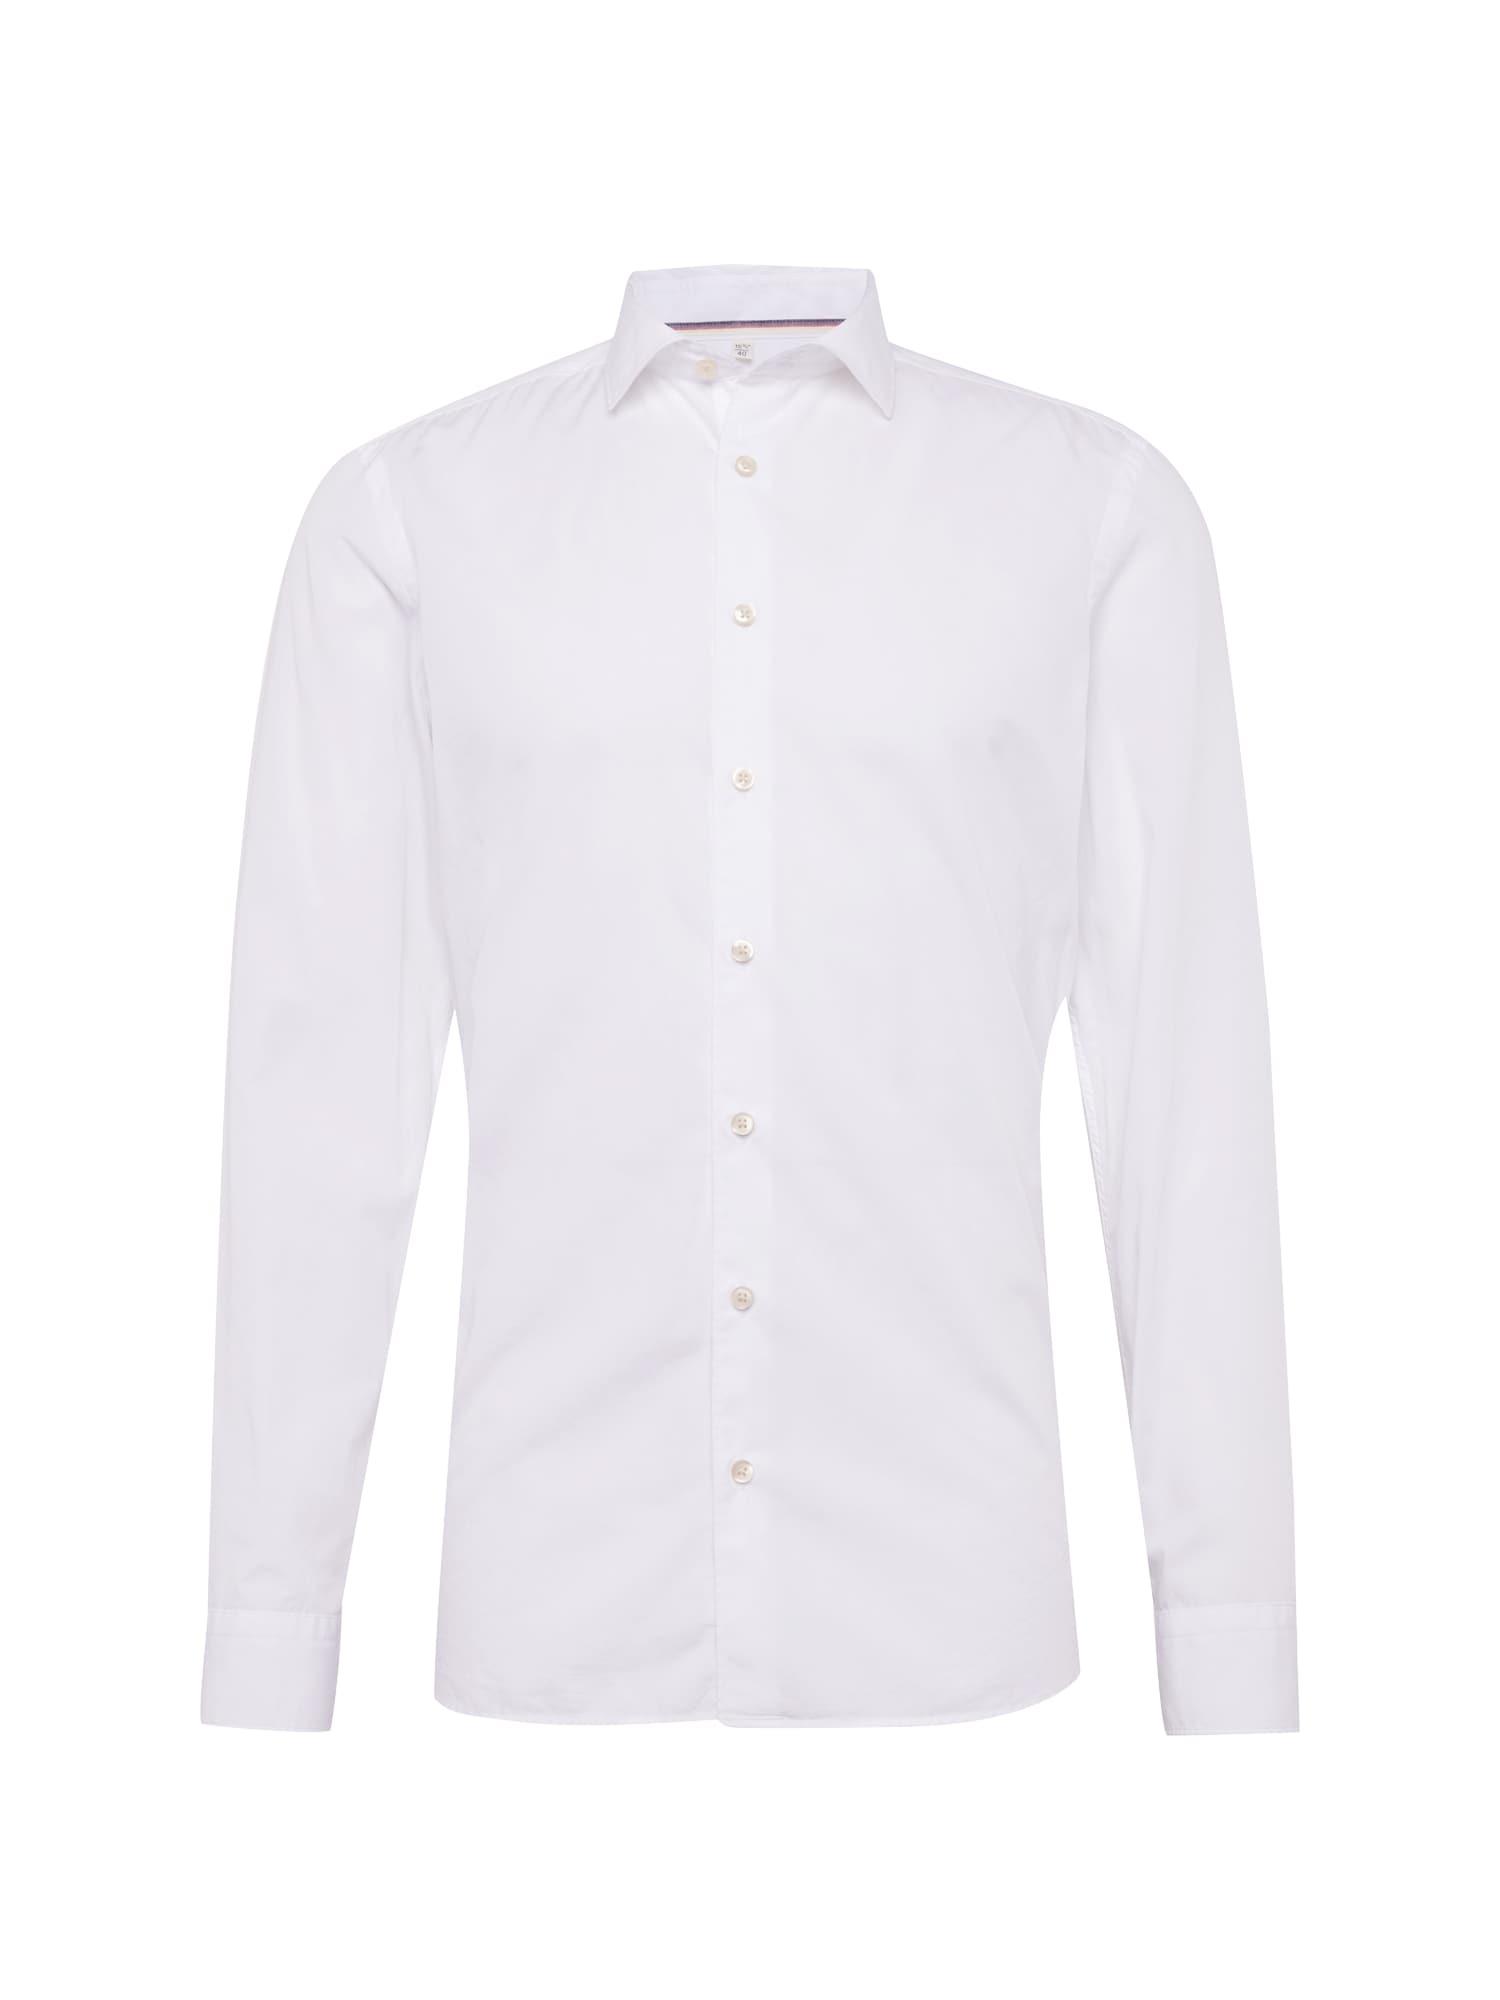 Společenská košile Level 5 Smart Business Uni bílá OLYMP